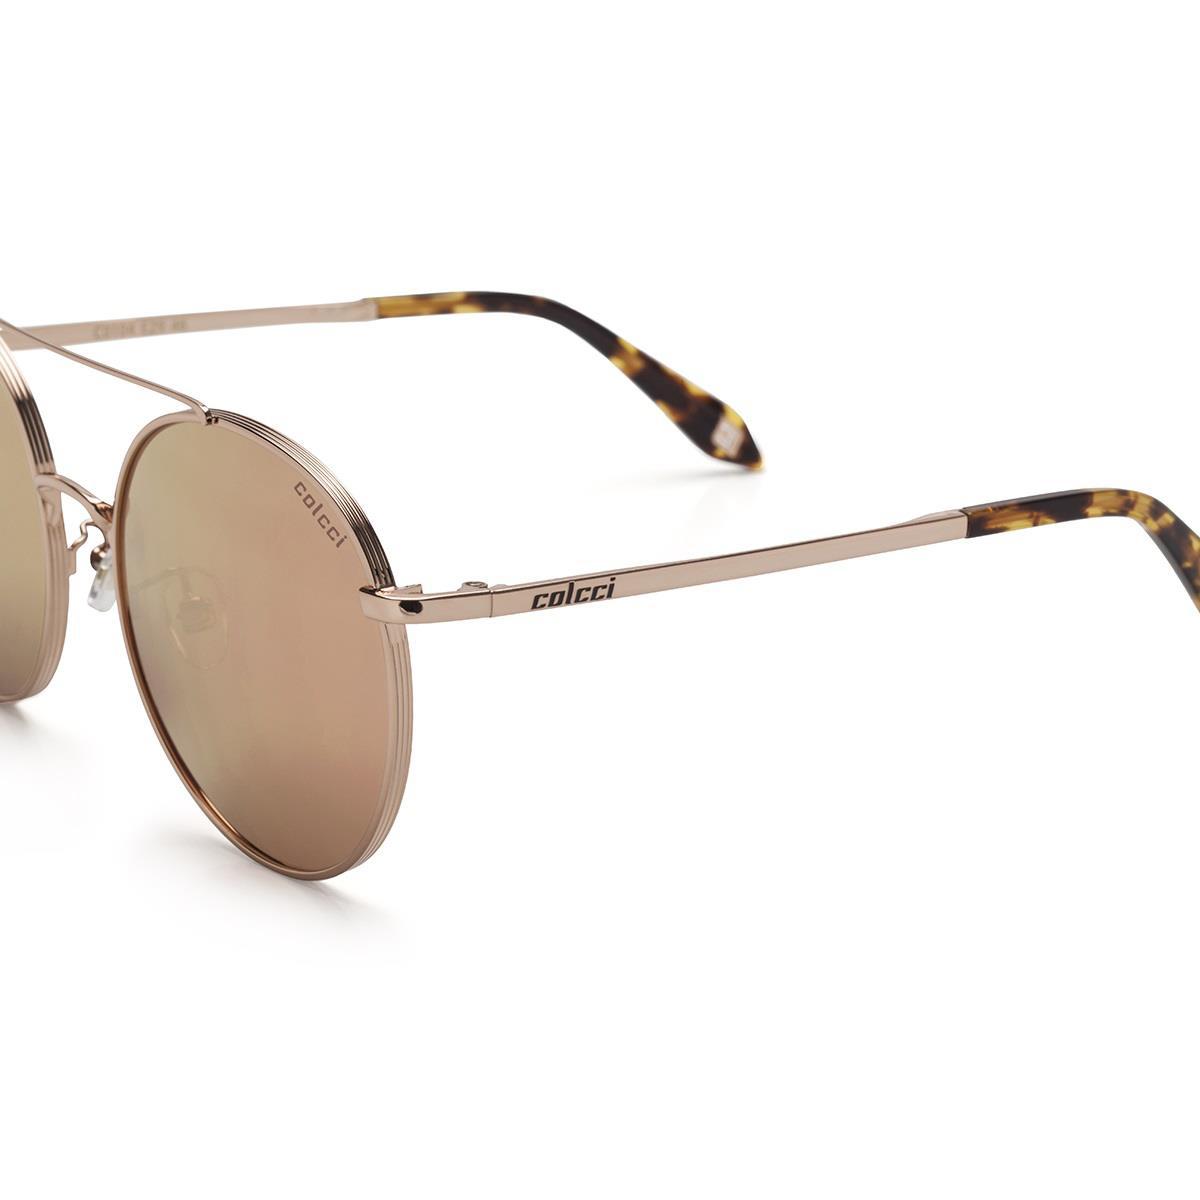 2a1a283c2 Óculos De Sol Colcci C0104 Lente Marrom Revo Rose Gold na Estrela10